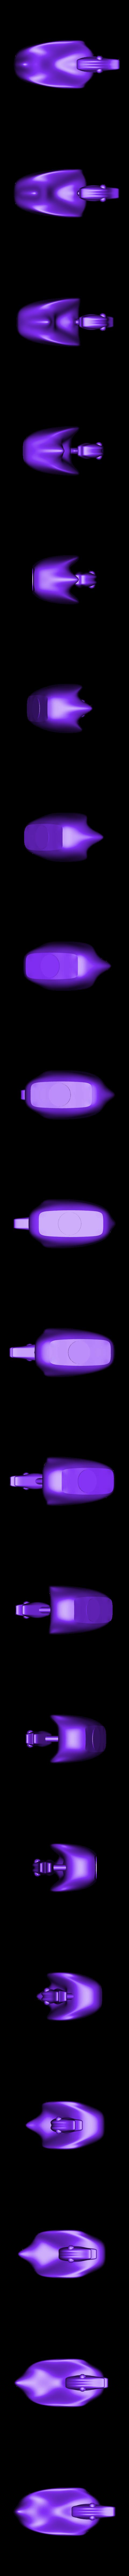 T-Spline_ankka3.stl Download free STL file Kaljankka duck • Object to 3D print, NusNus